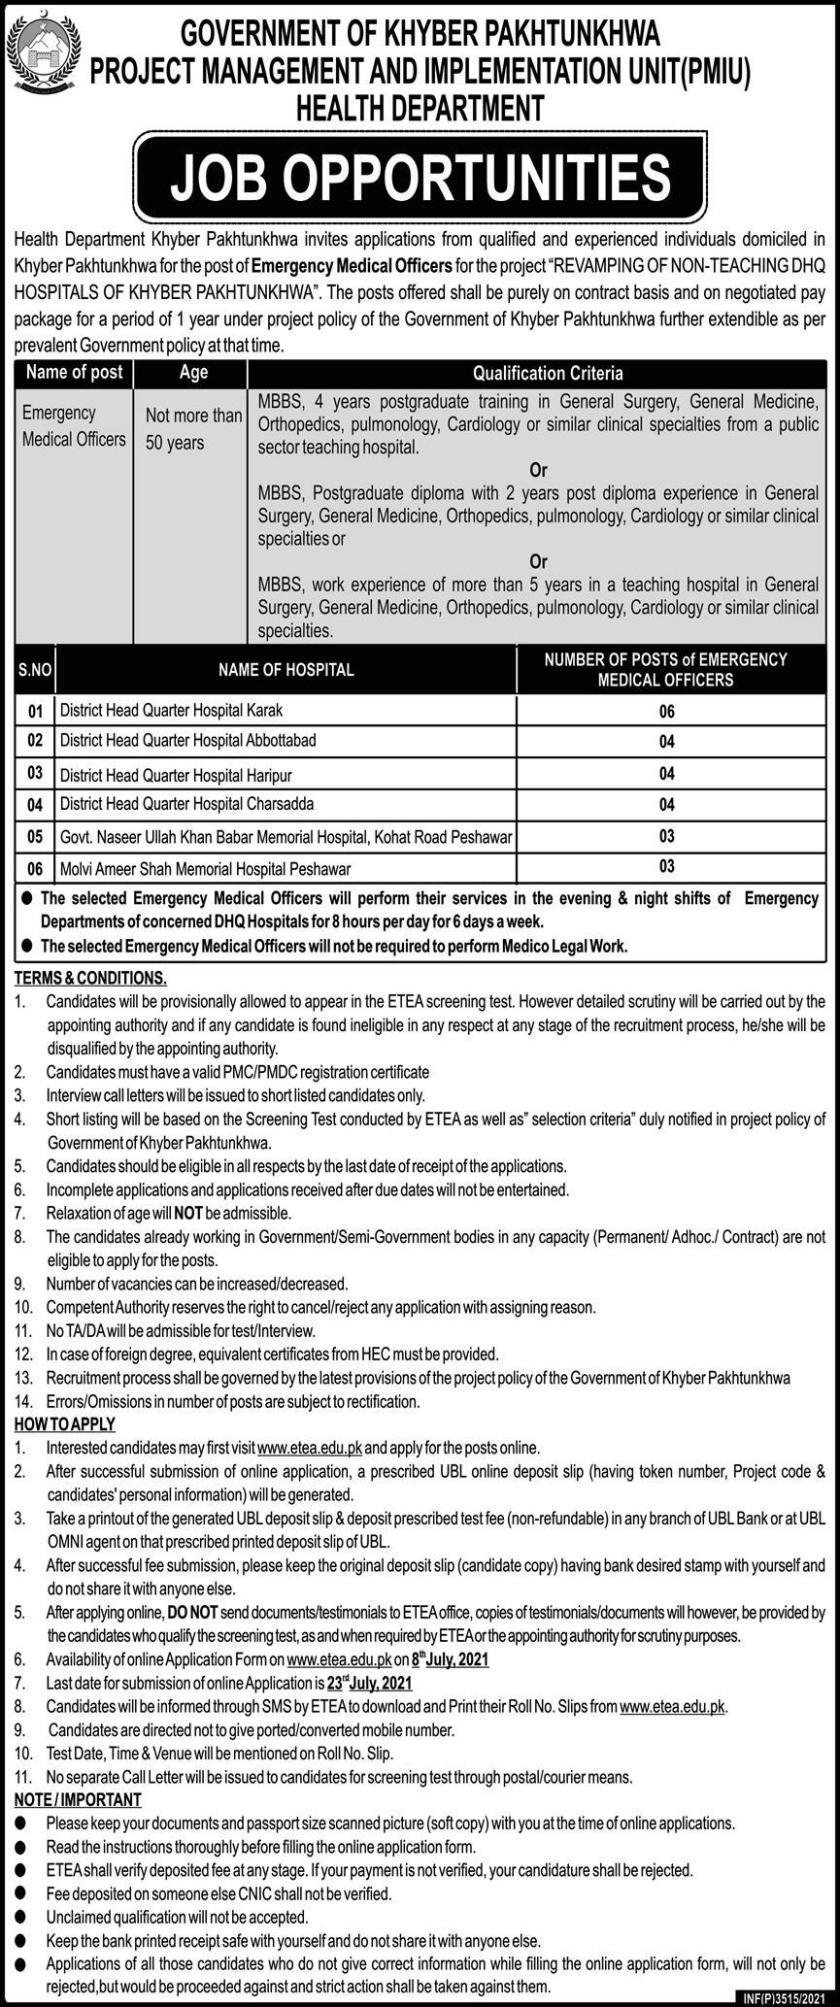 Health Department KPK Jobs 2021